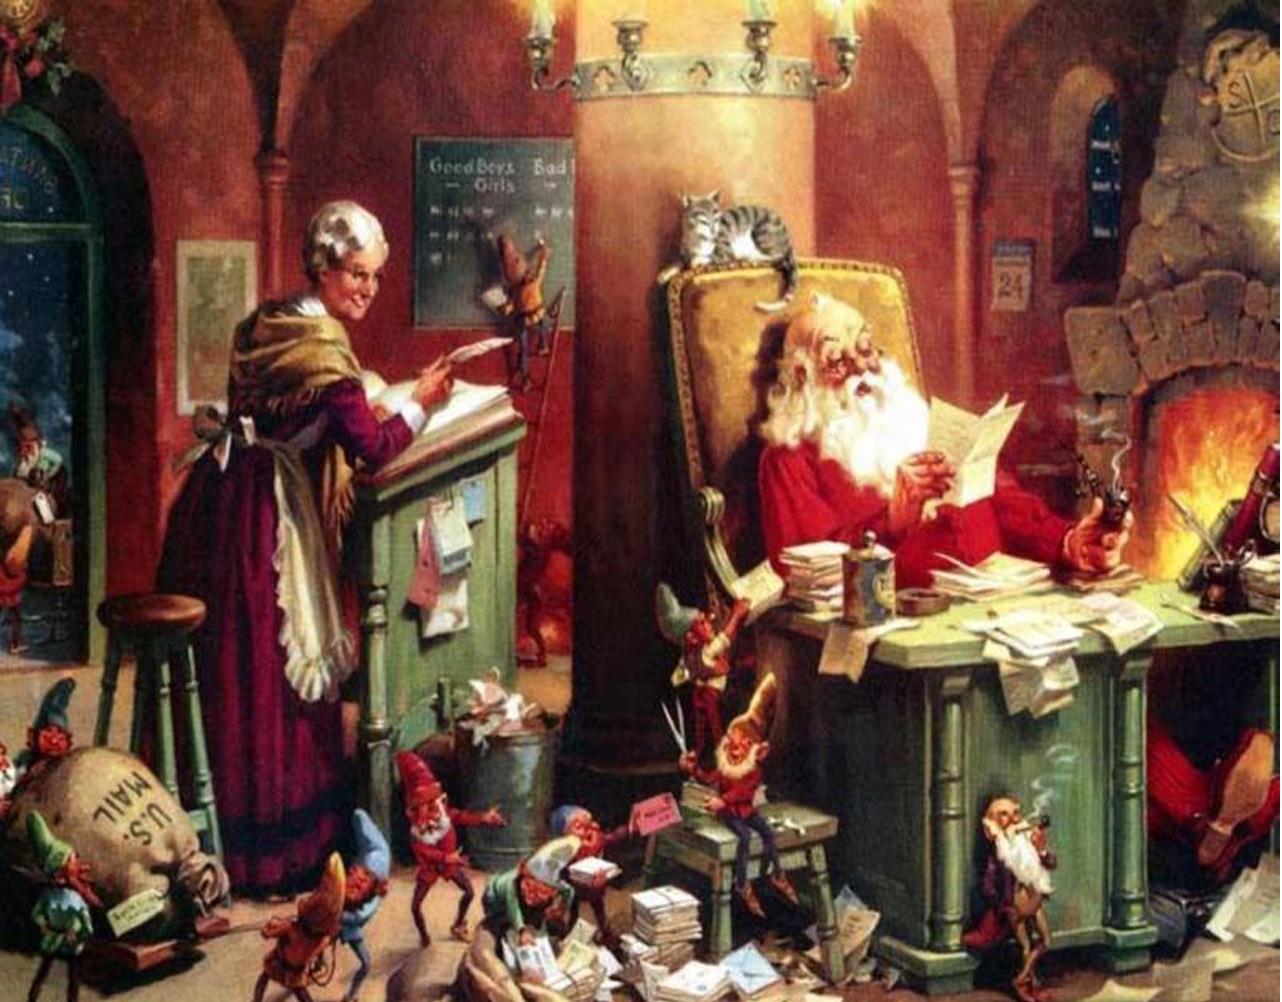 Babbo Natale E Gli Elfi.Storia E Leggenda Dei Folletti Di Babbo Natale